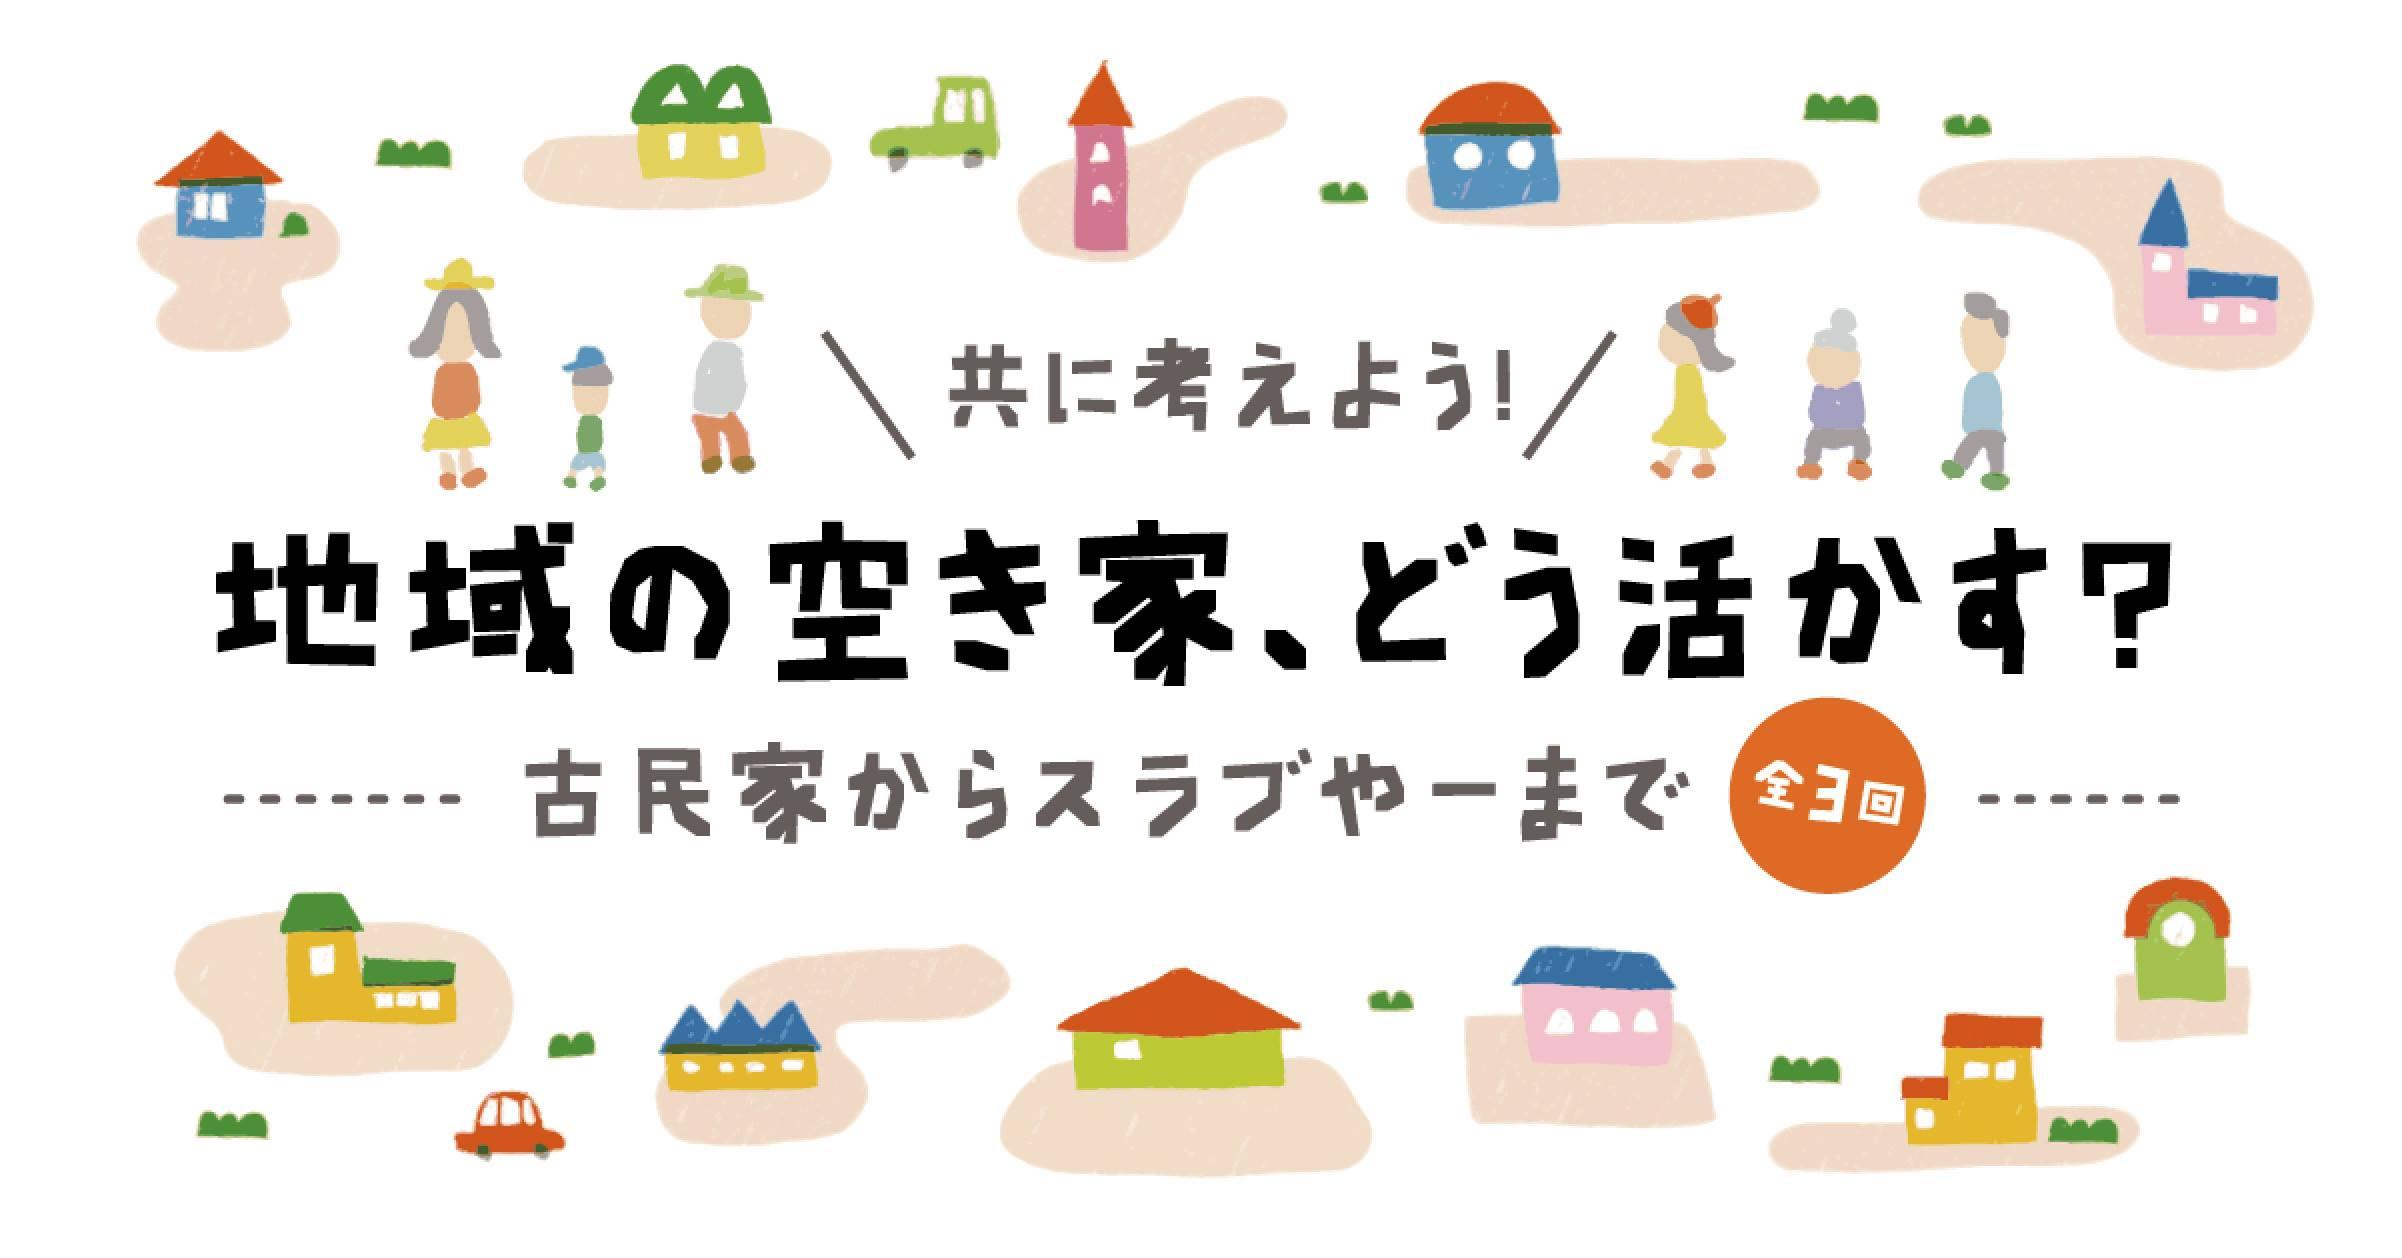 [沖縄県移住事業]空き家活用に向けた研修「共に考えよう!地域の空き家どう活かす?」開催のお知らせ